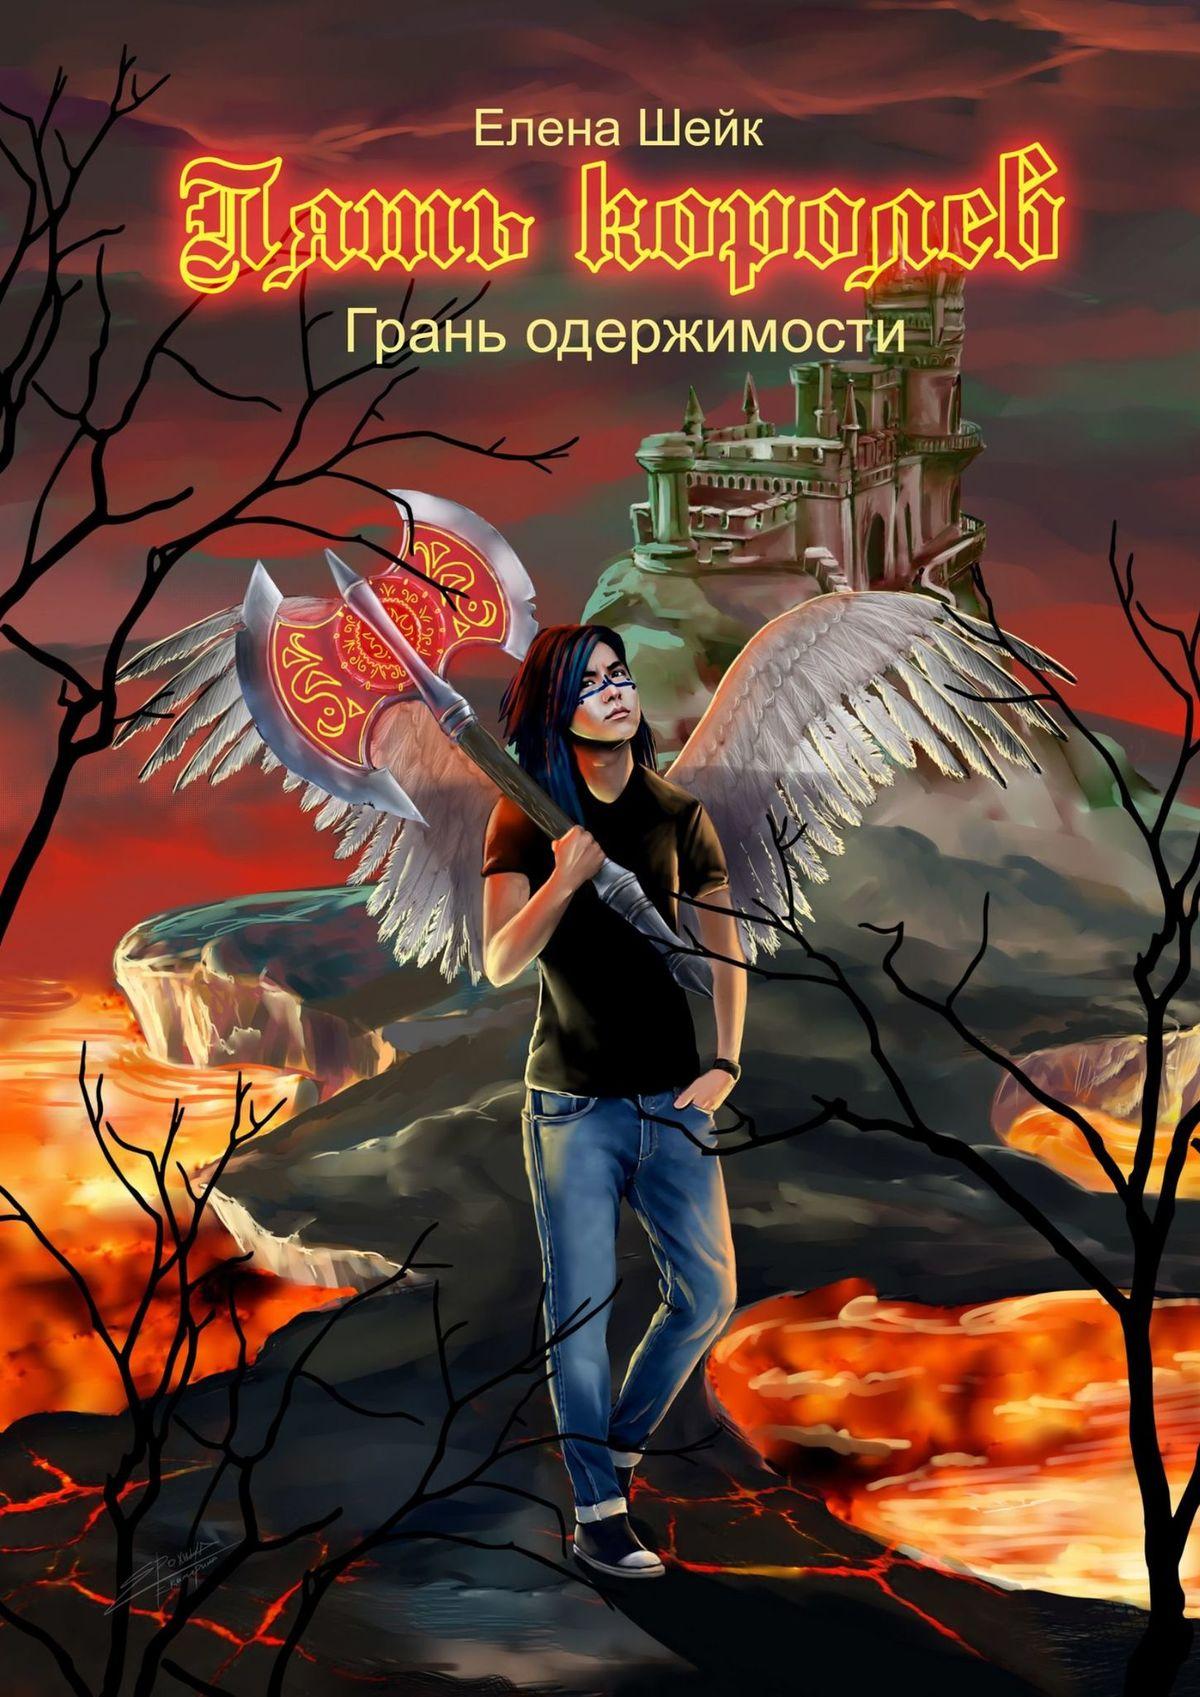 Елена Шейк Пять королев. Грань одержимости а митта кино между адом и раем